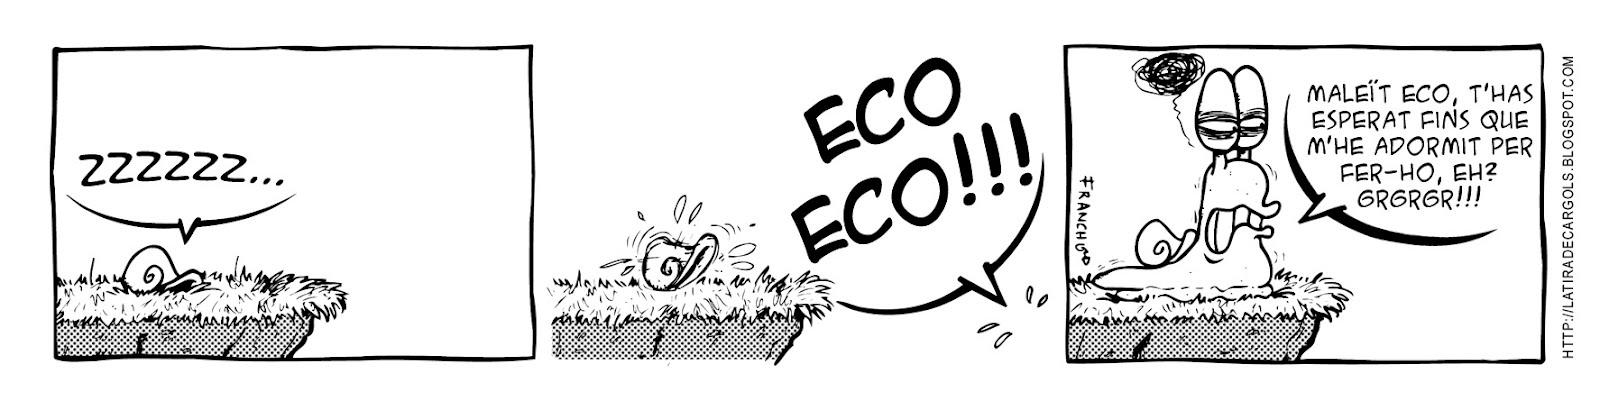 Tira comica 122 del webcomic Cargols del dibuixant Franchu